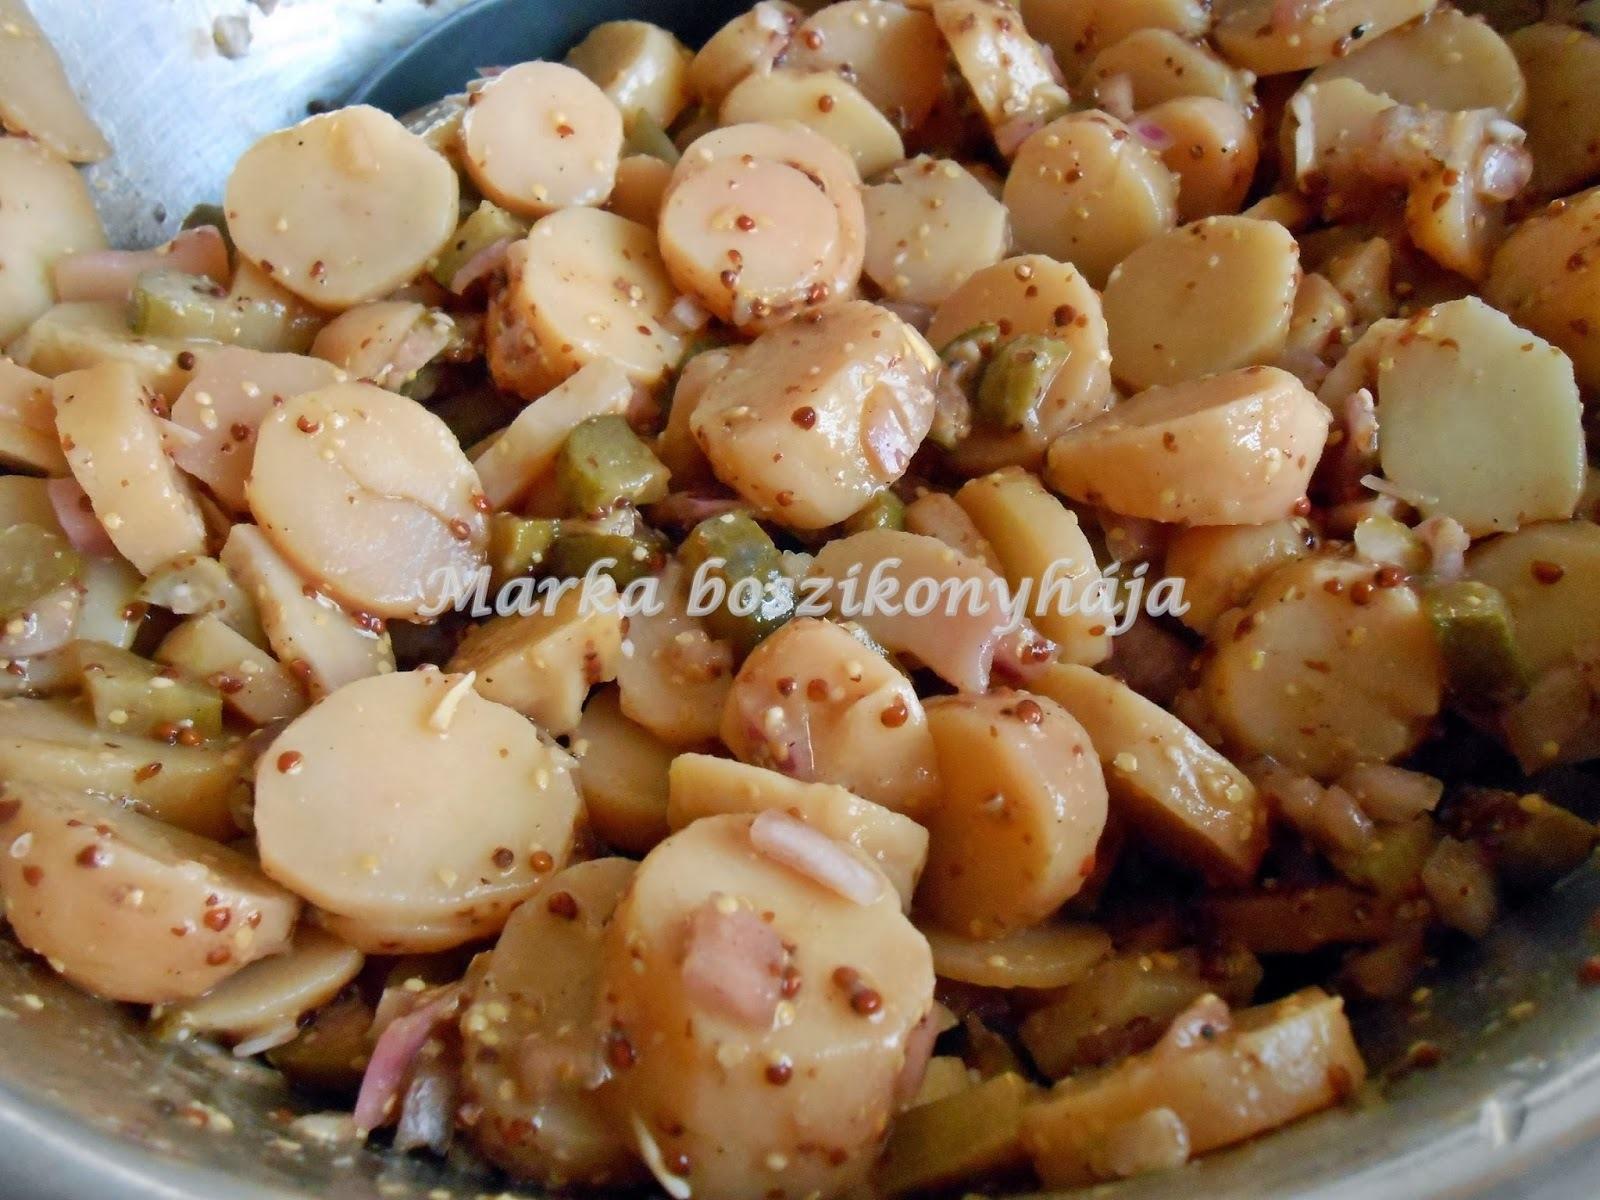 Mustáros-balzsamecetes krumplisaláta